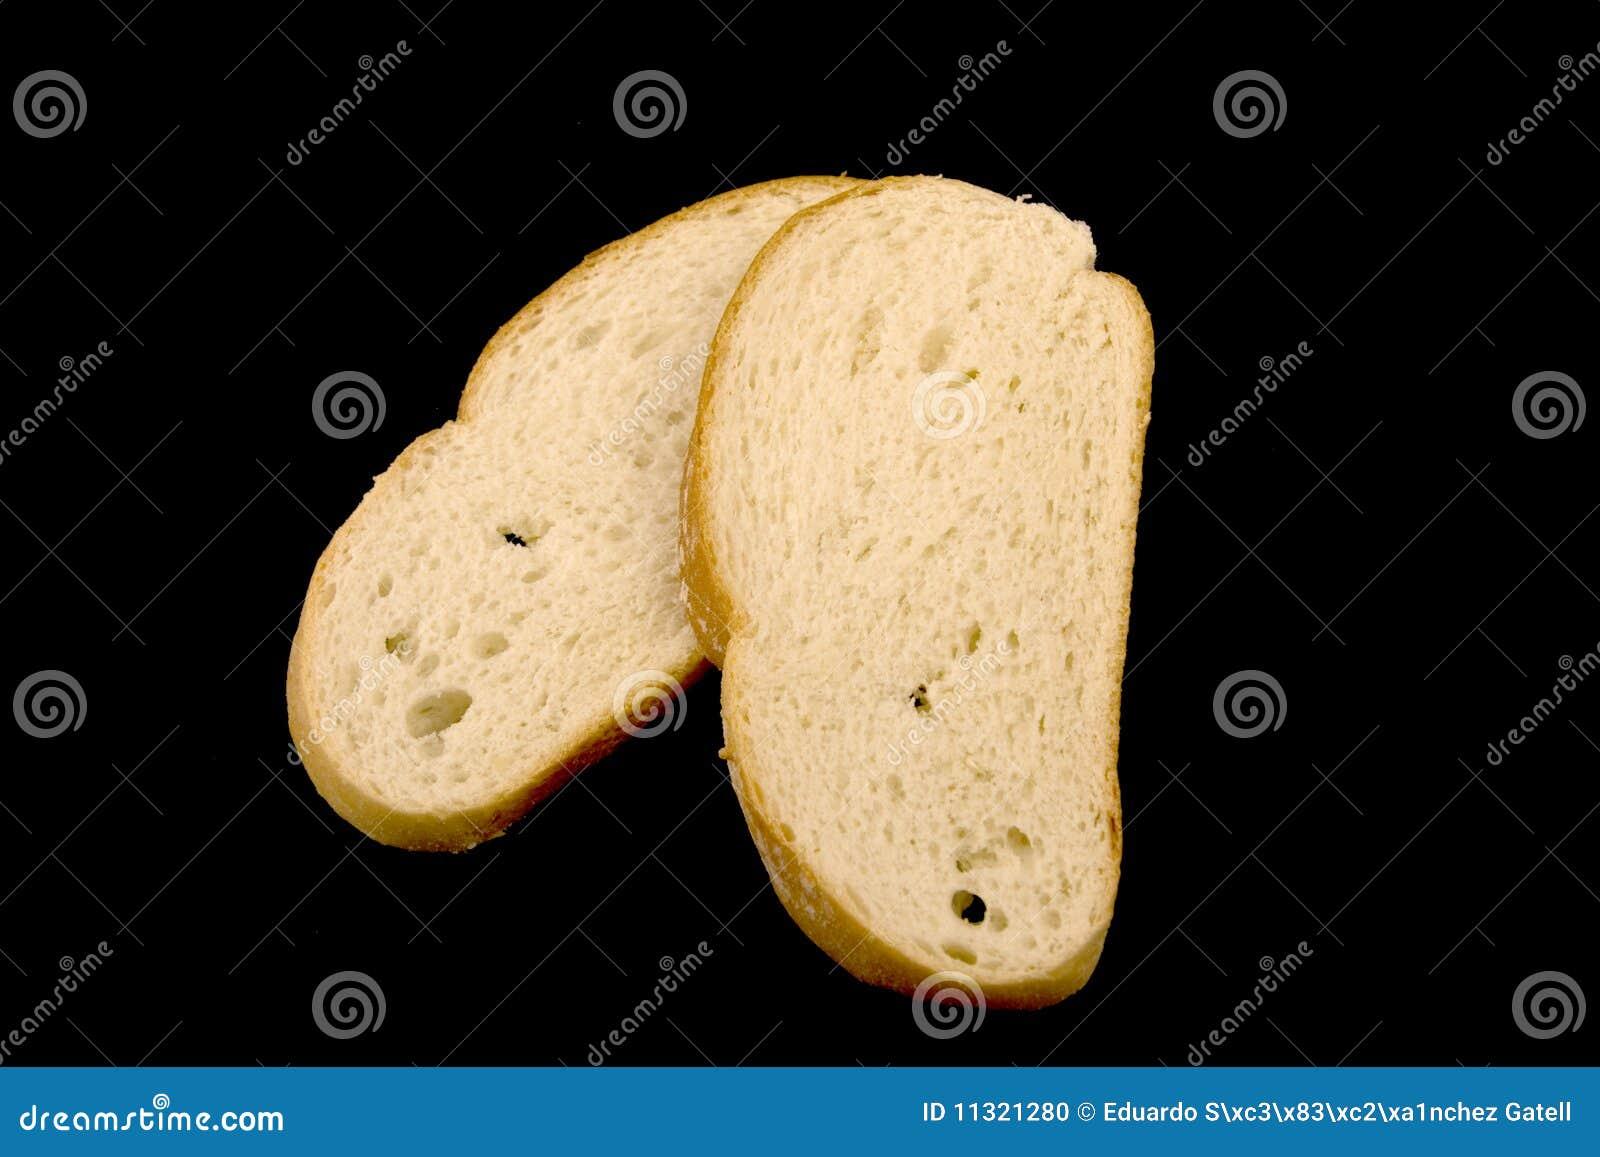 Brot auf einem schwarzen Hintergrund.